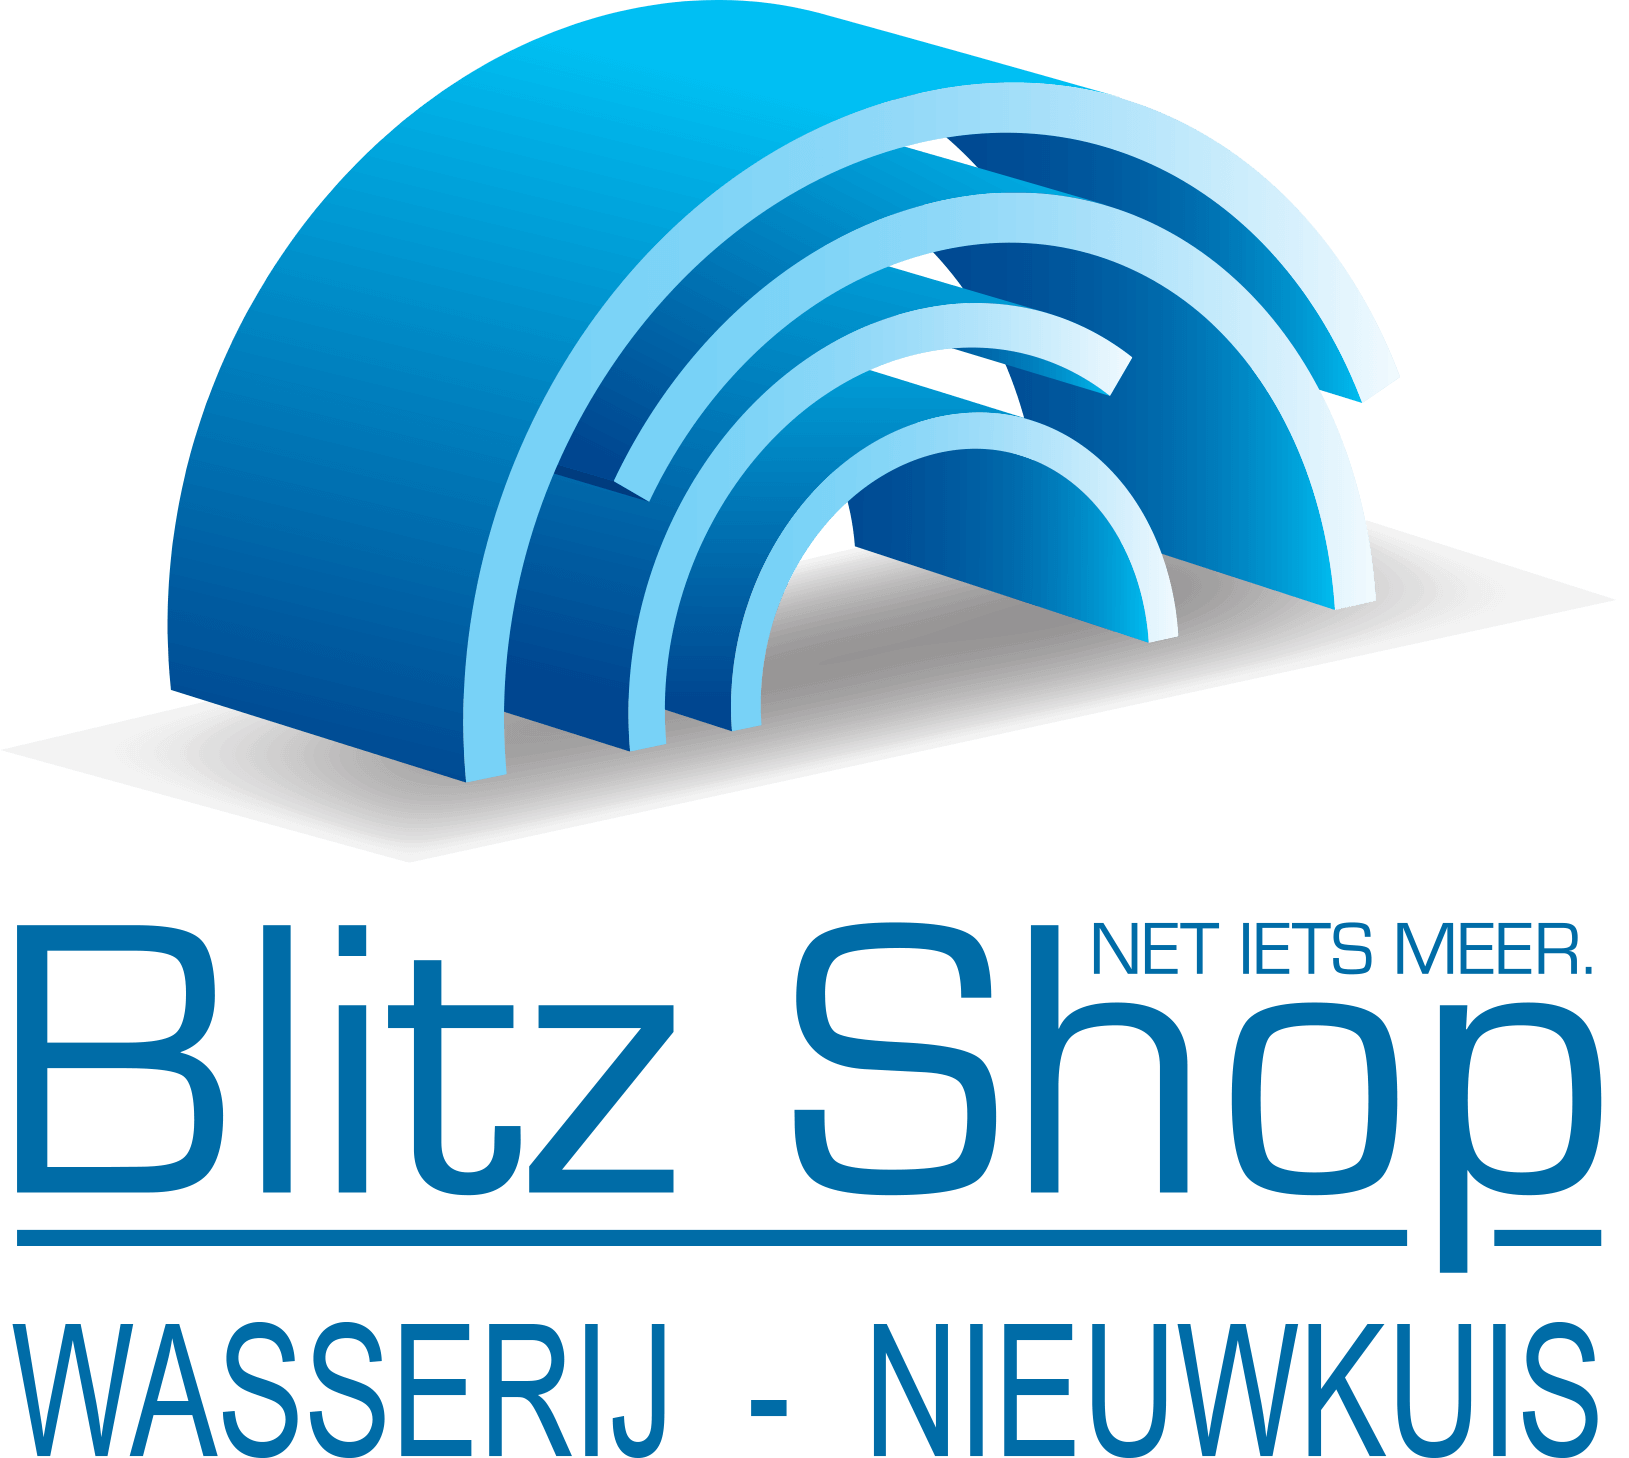 Blitz shop